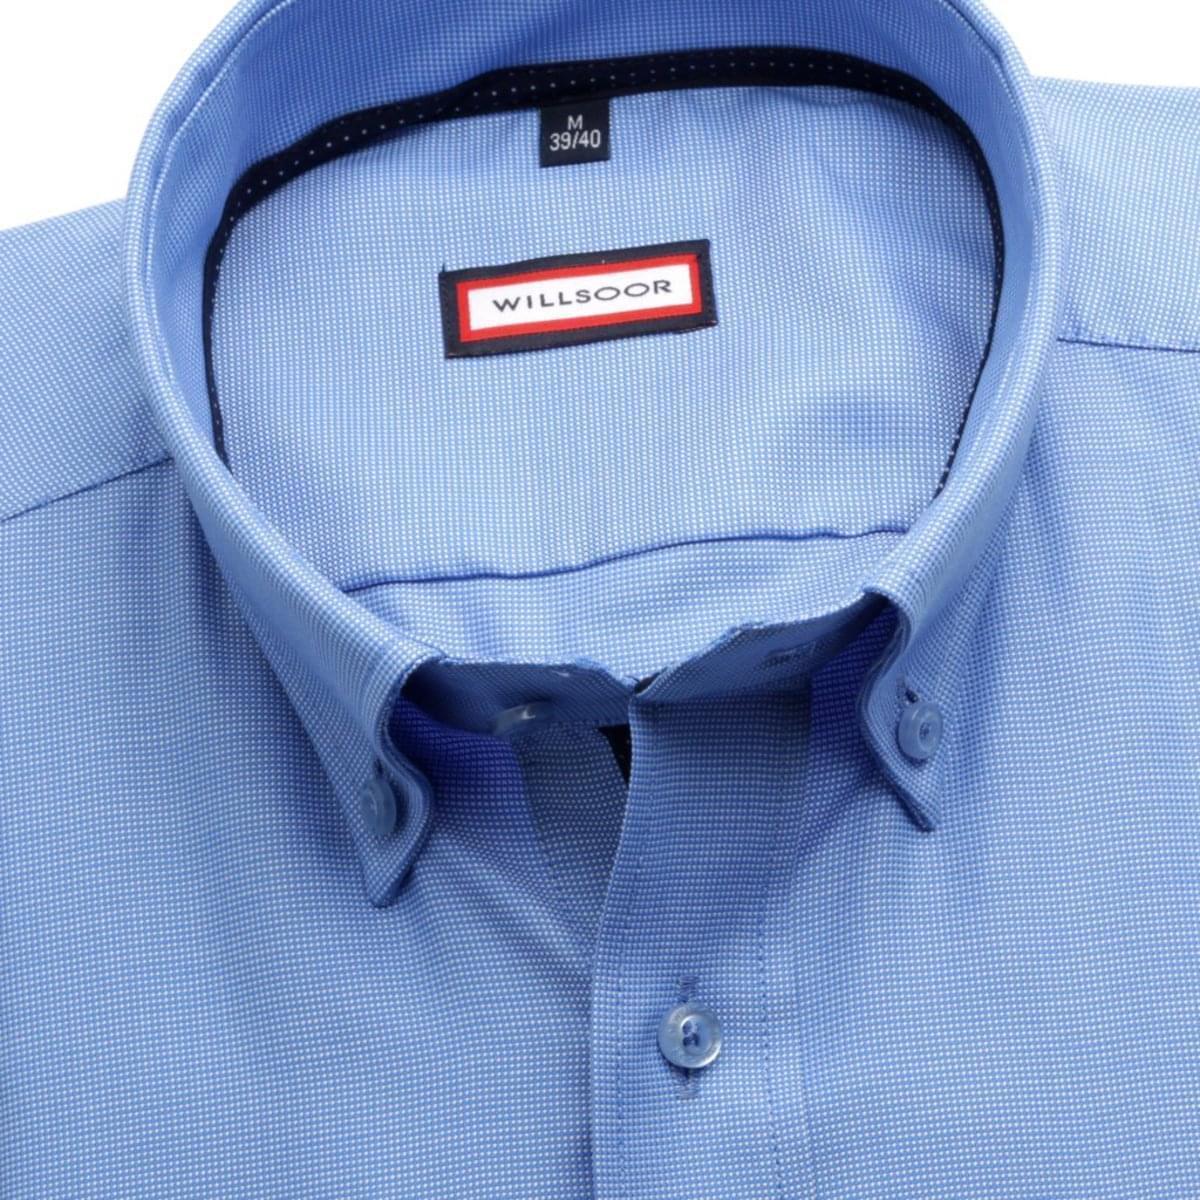 Pánská klasická košile (výška 188-194) 6988 ve světle modré barvě s formulí Easy Care 188-194 / L (41/42)